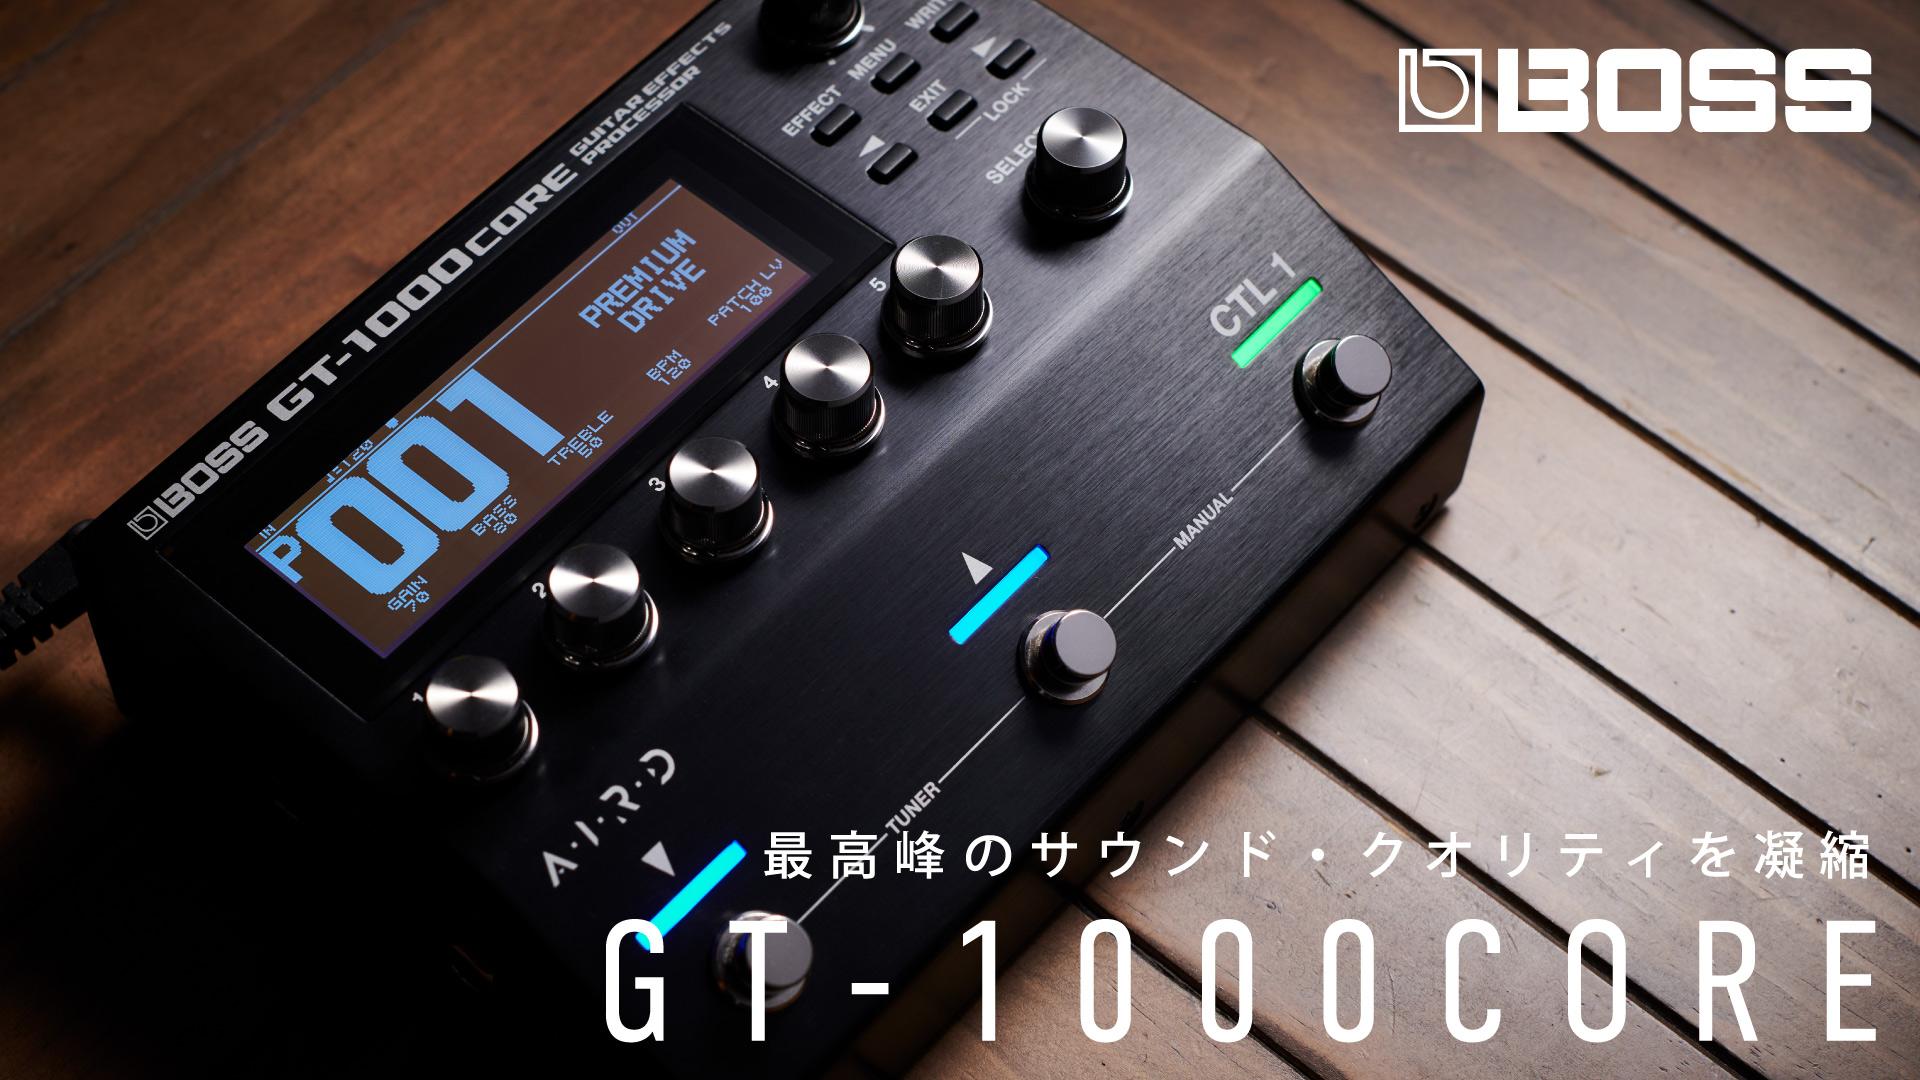 BOSSより、フラッグシップ・モデルのGT-1000をポータブルなサイズに凝縮した『GT-1000CORE』が登場!